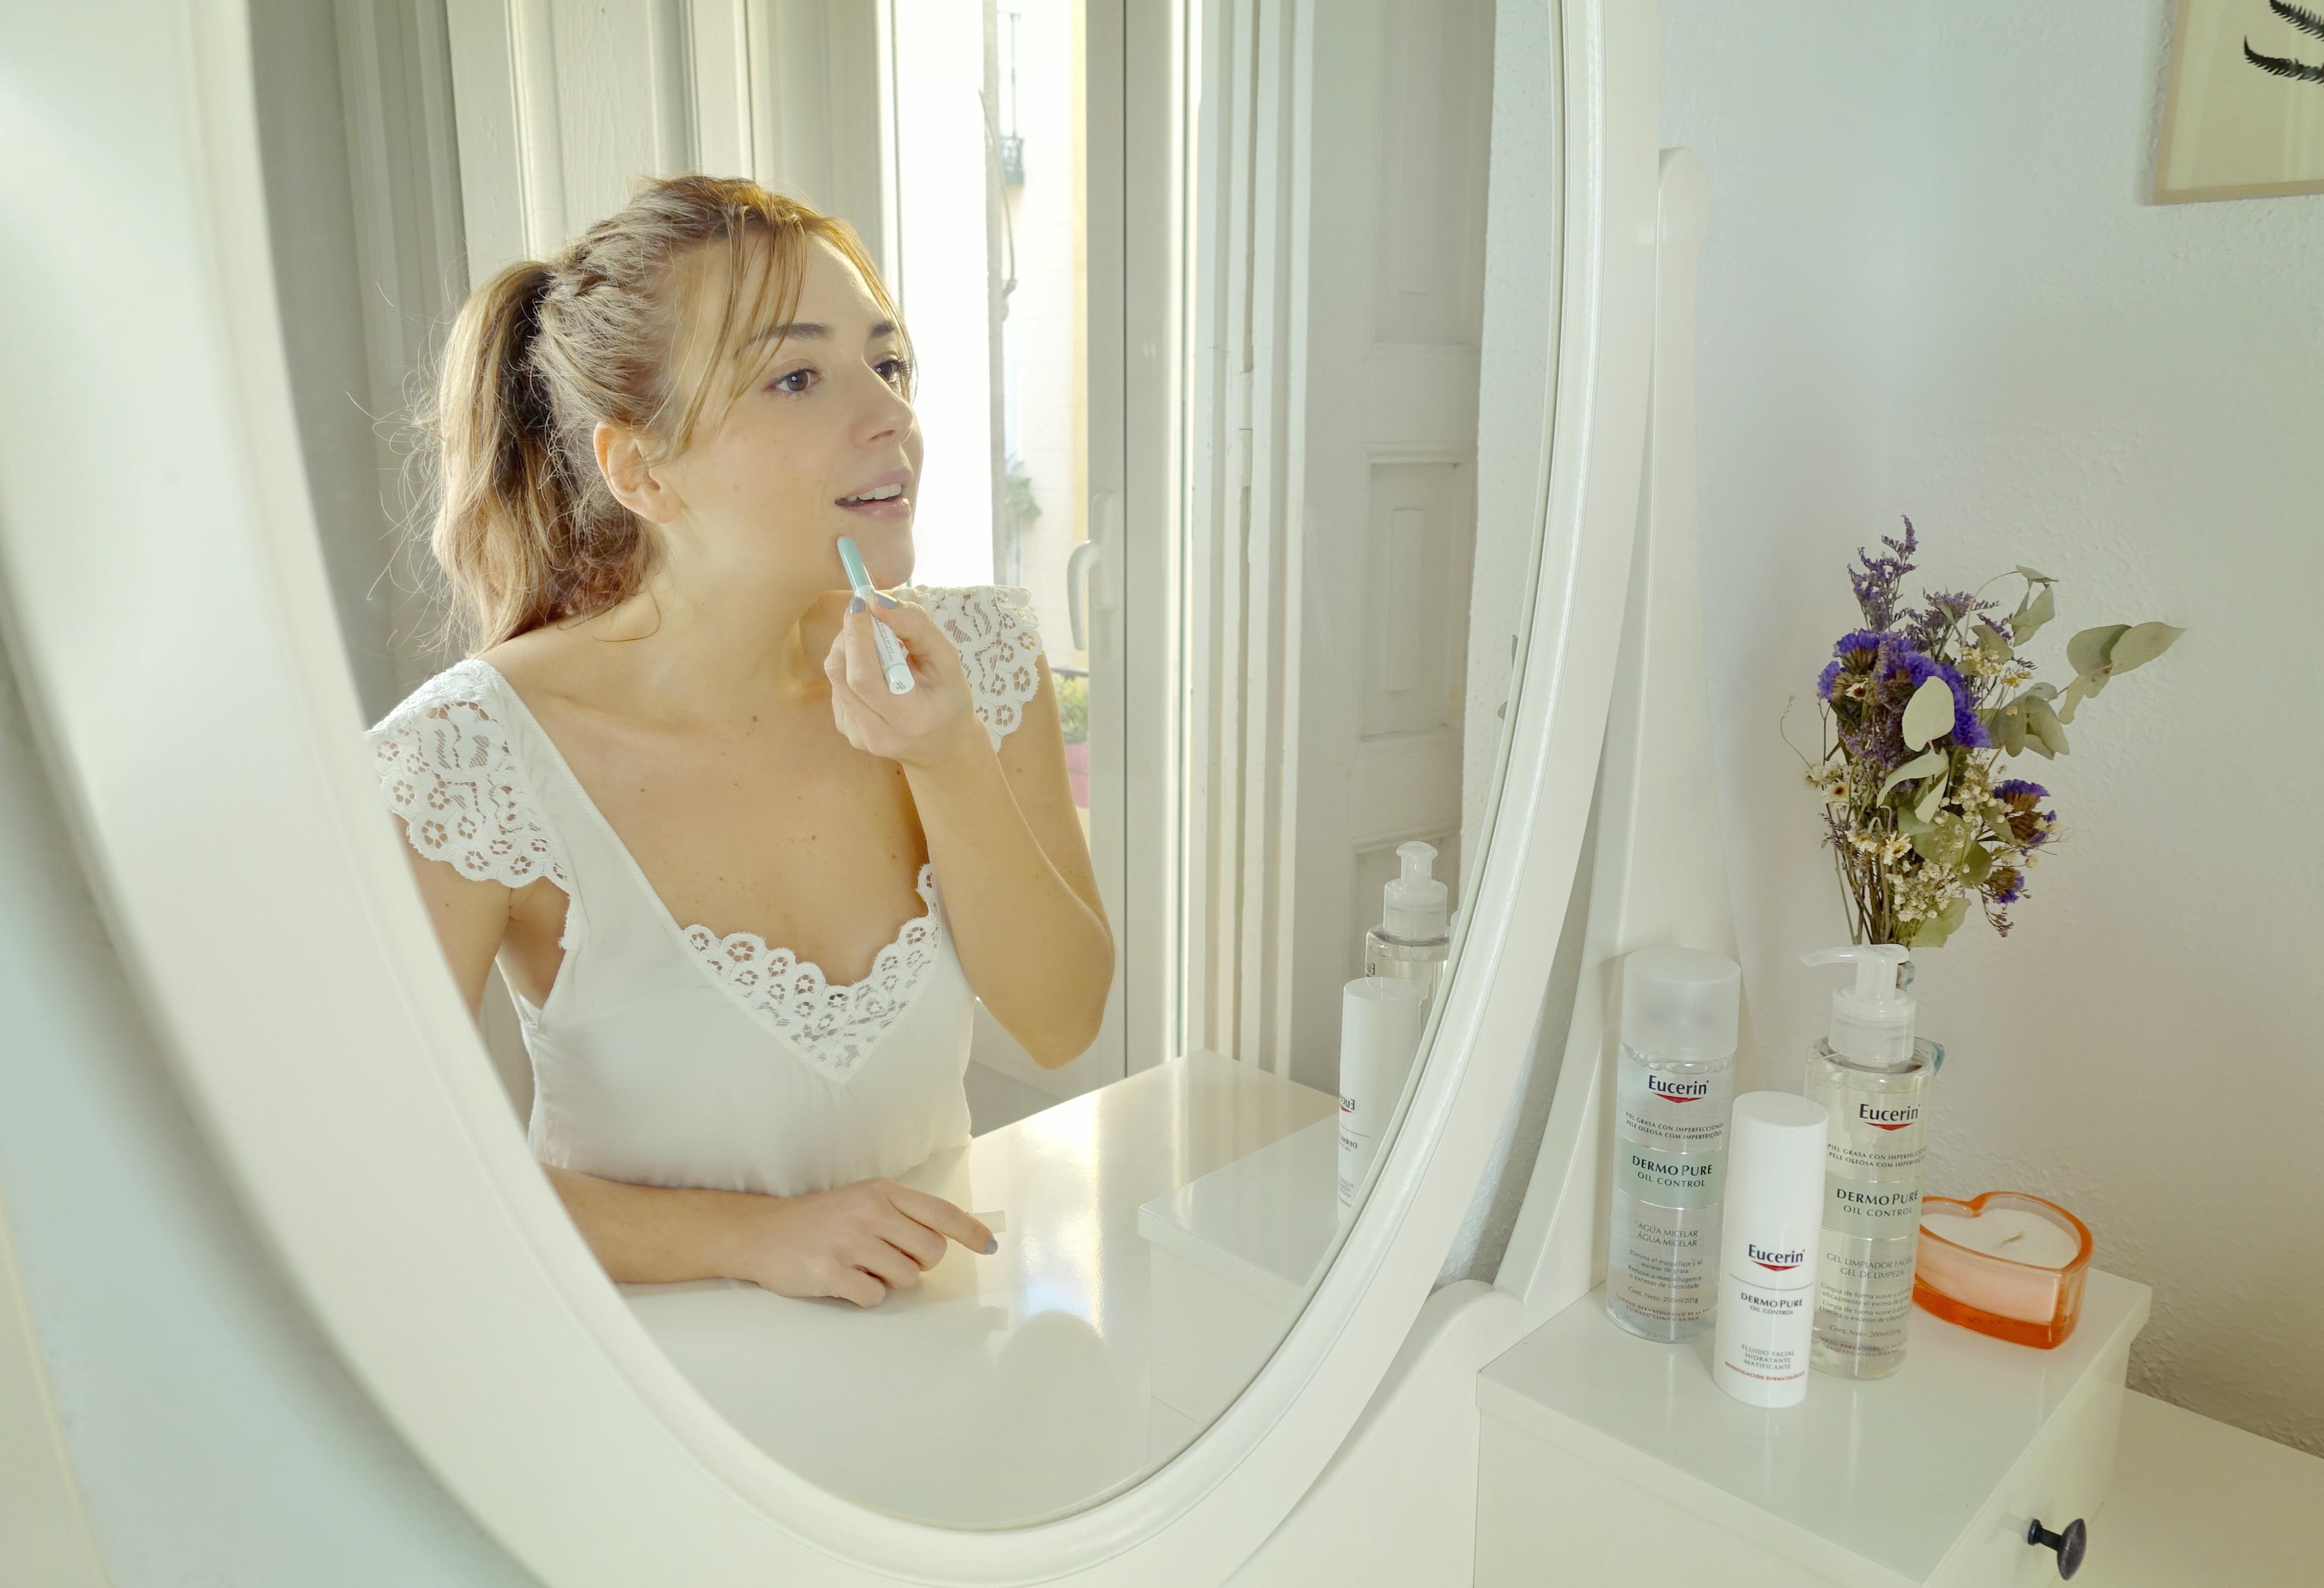 ChicAdicta-blog-de-moda-fashionista-influencer-Madrid-dermopure-eucerin-tratamiento-para-el-acne-PiensaenChic-Piensa-en-Chic